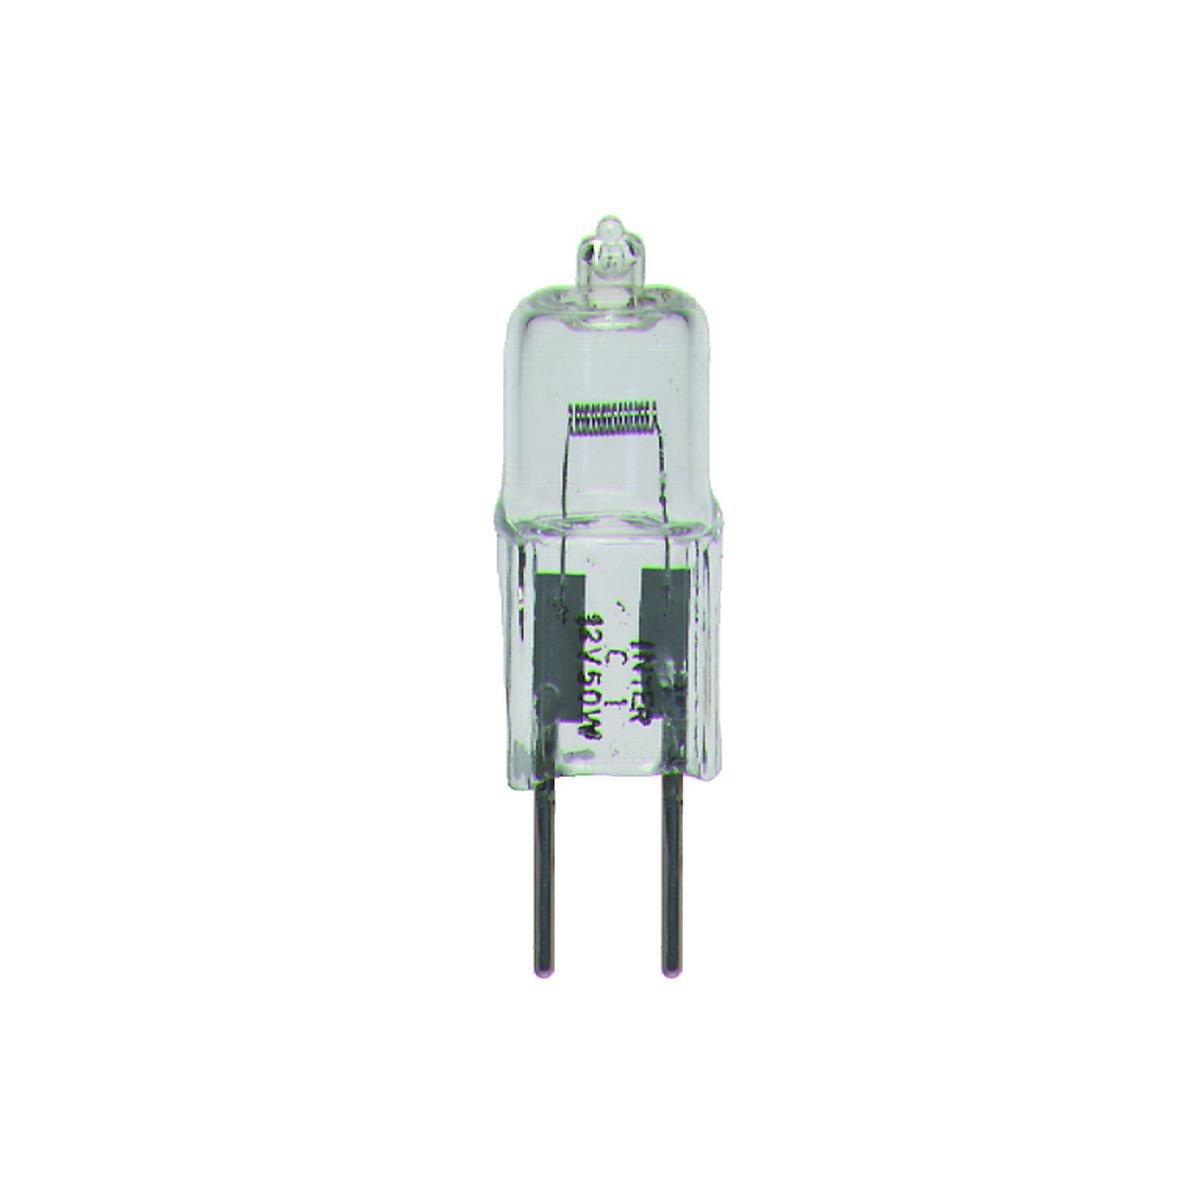 Halogenlampa 12V 10W G4 sockel värmetålig 300°